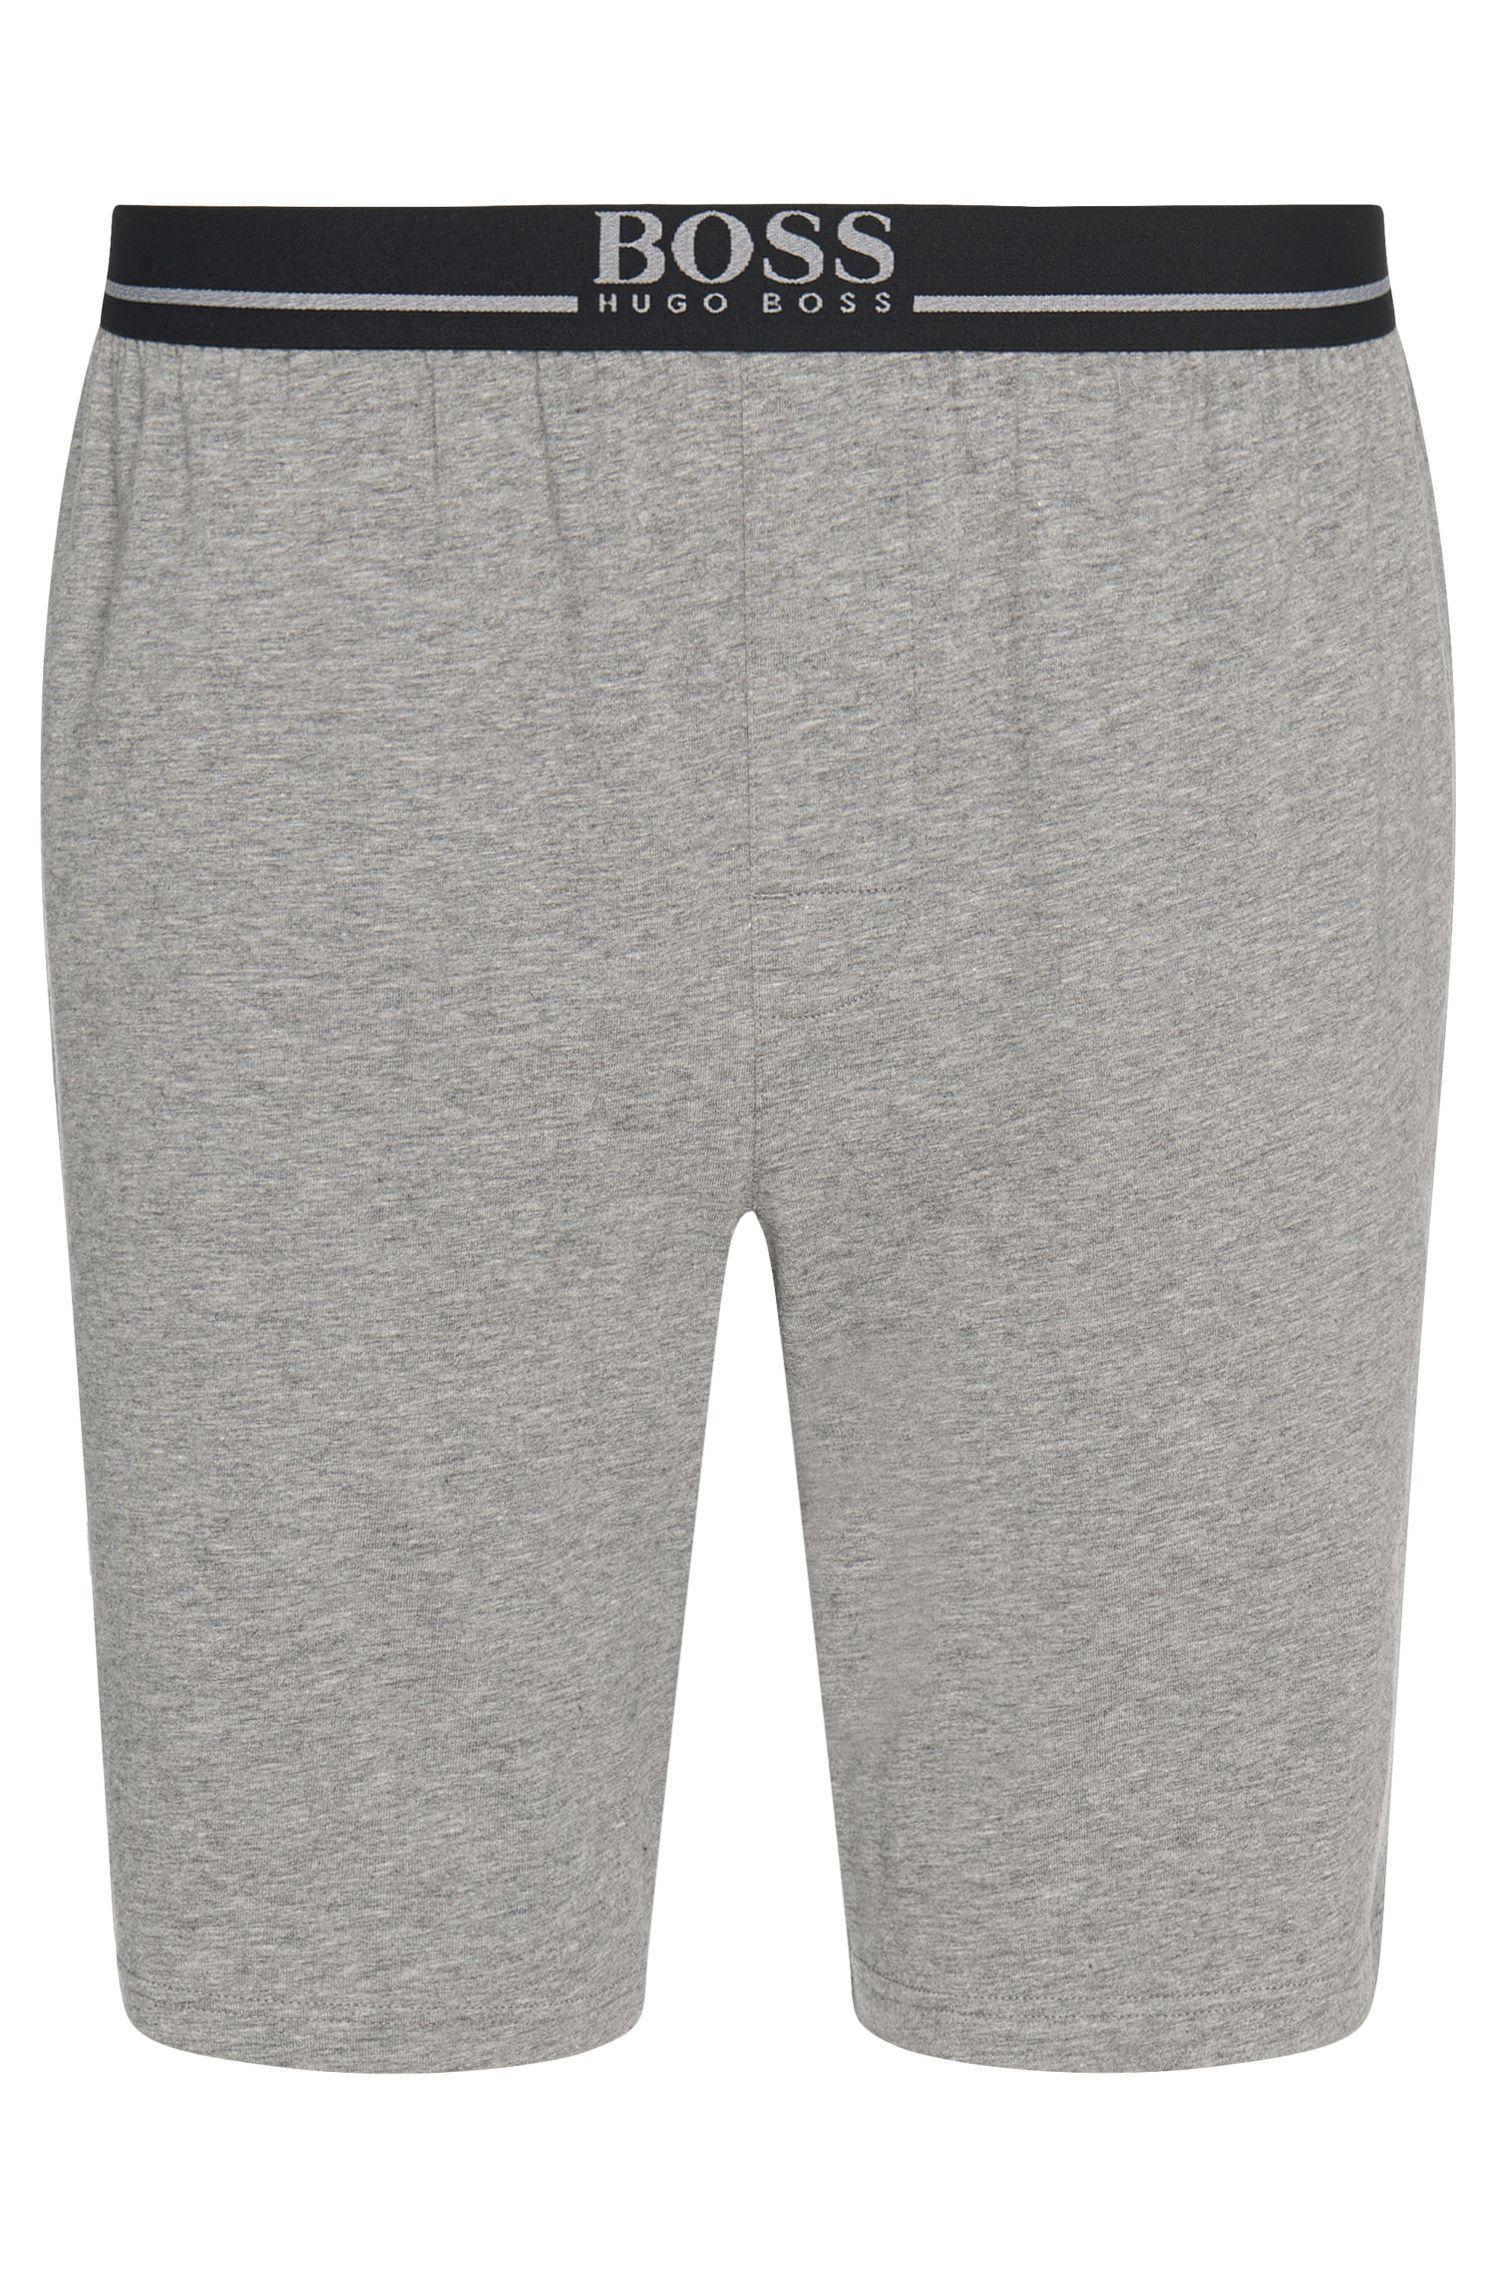 Shorts loungewear en algodón elástico